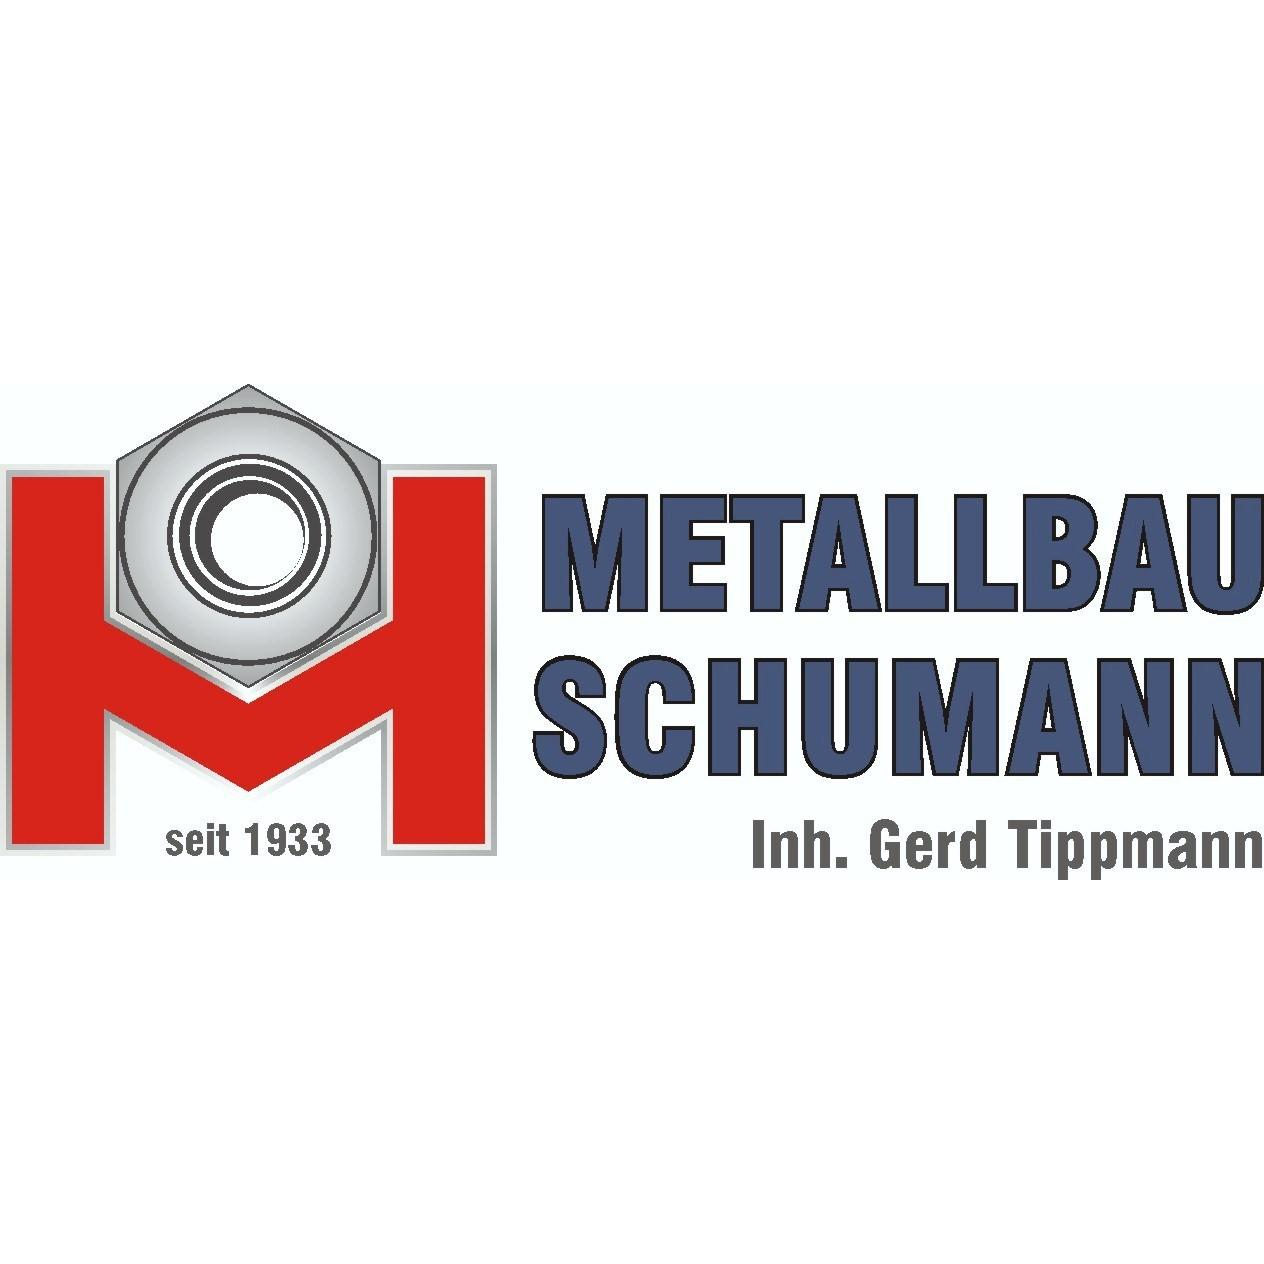 Bild zu Metallbau Schumann, Inh. Gerd Tippmann in Königswalde Kreis Annaberg